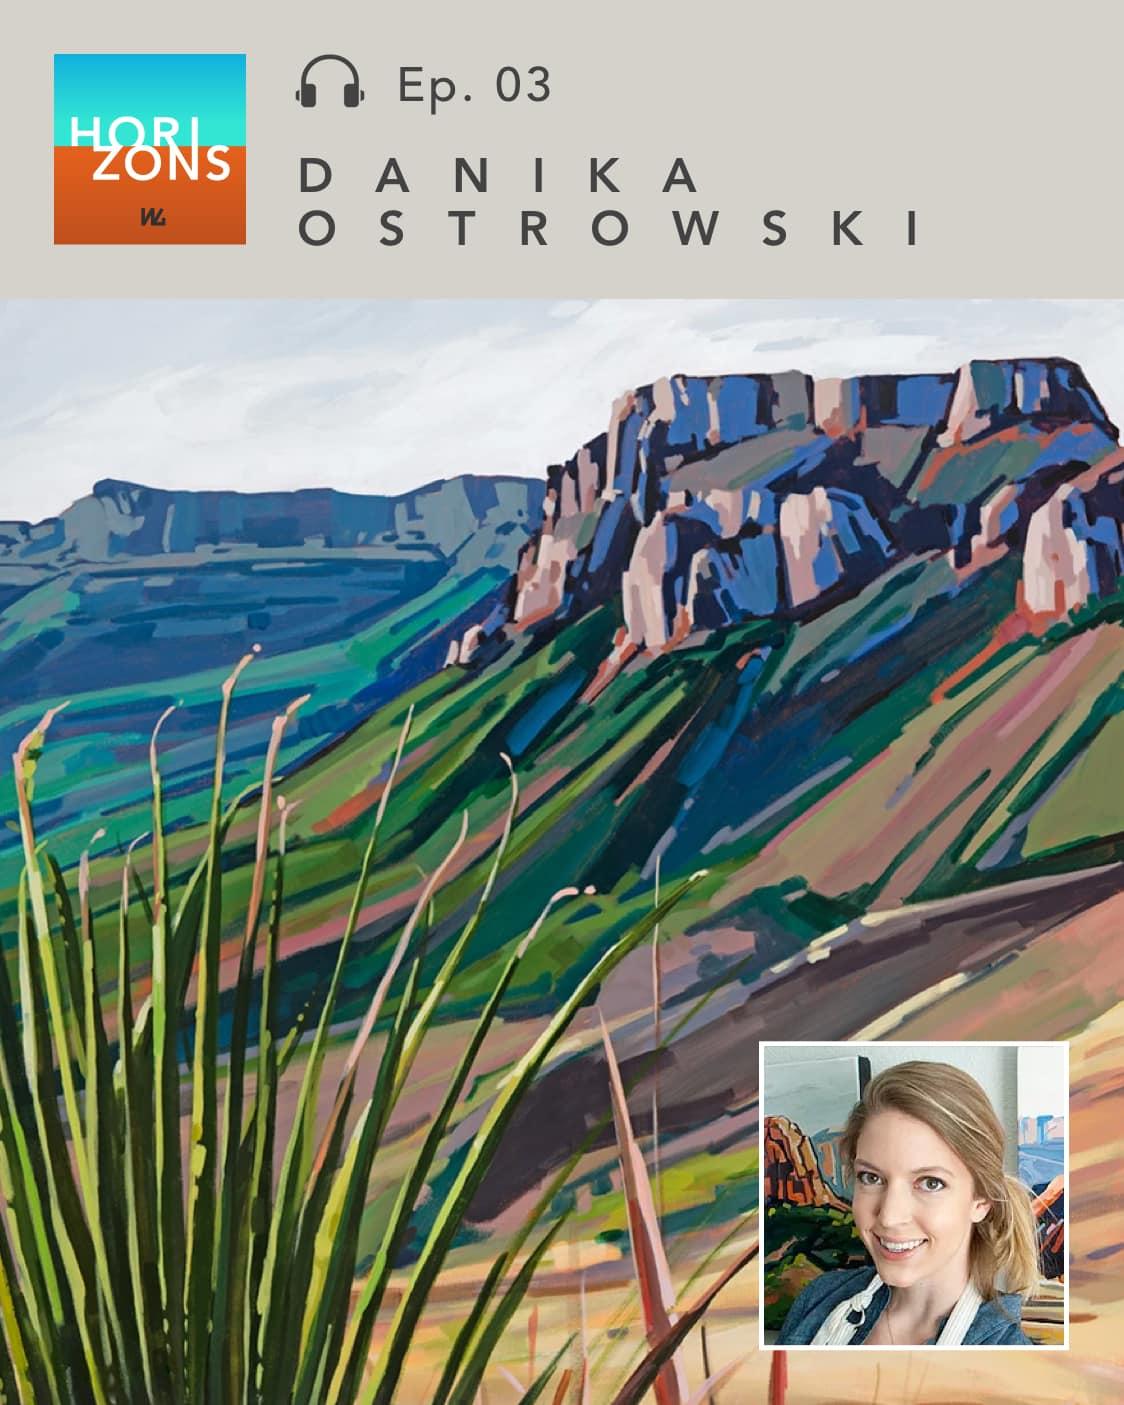 Danika Ostrowski on Horizons by Western Gallery